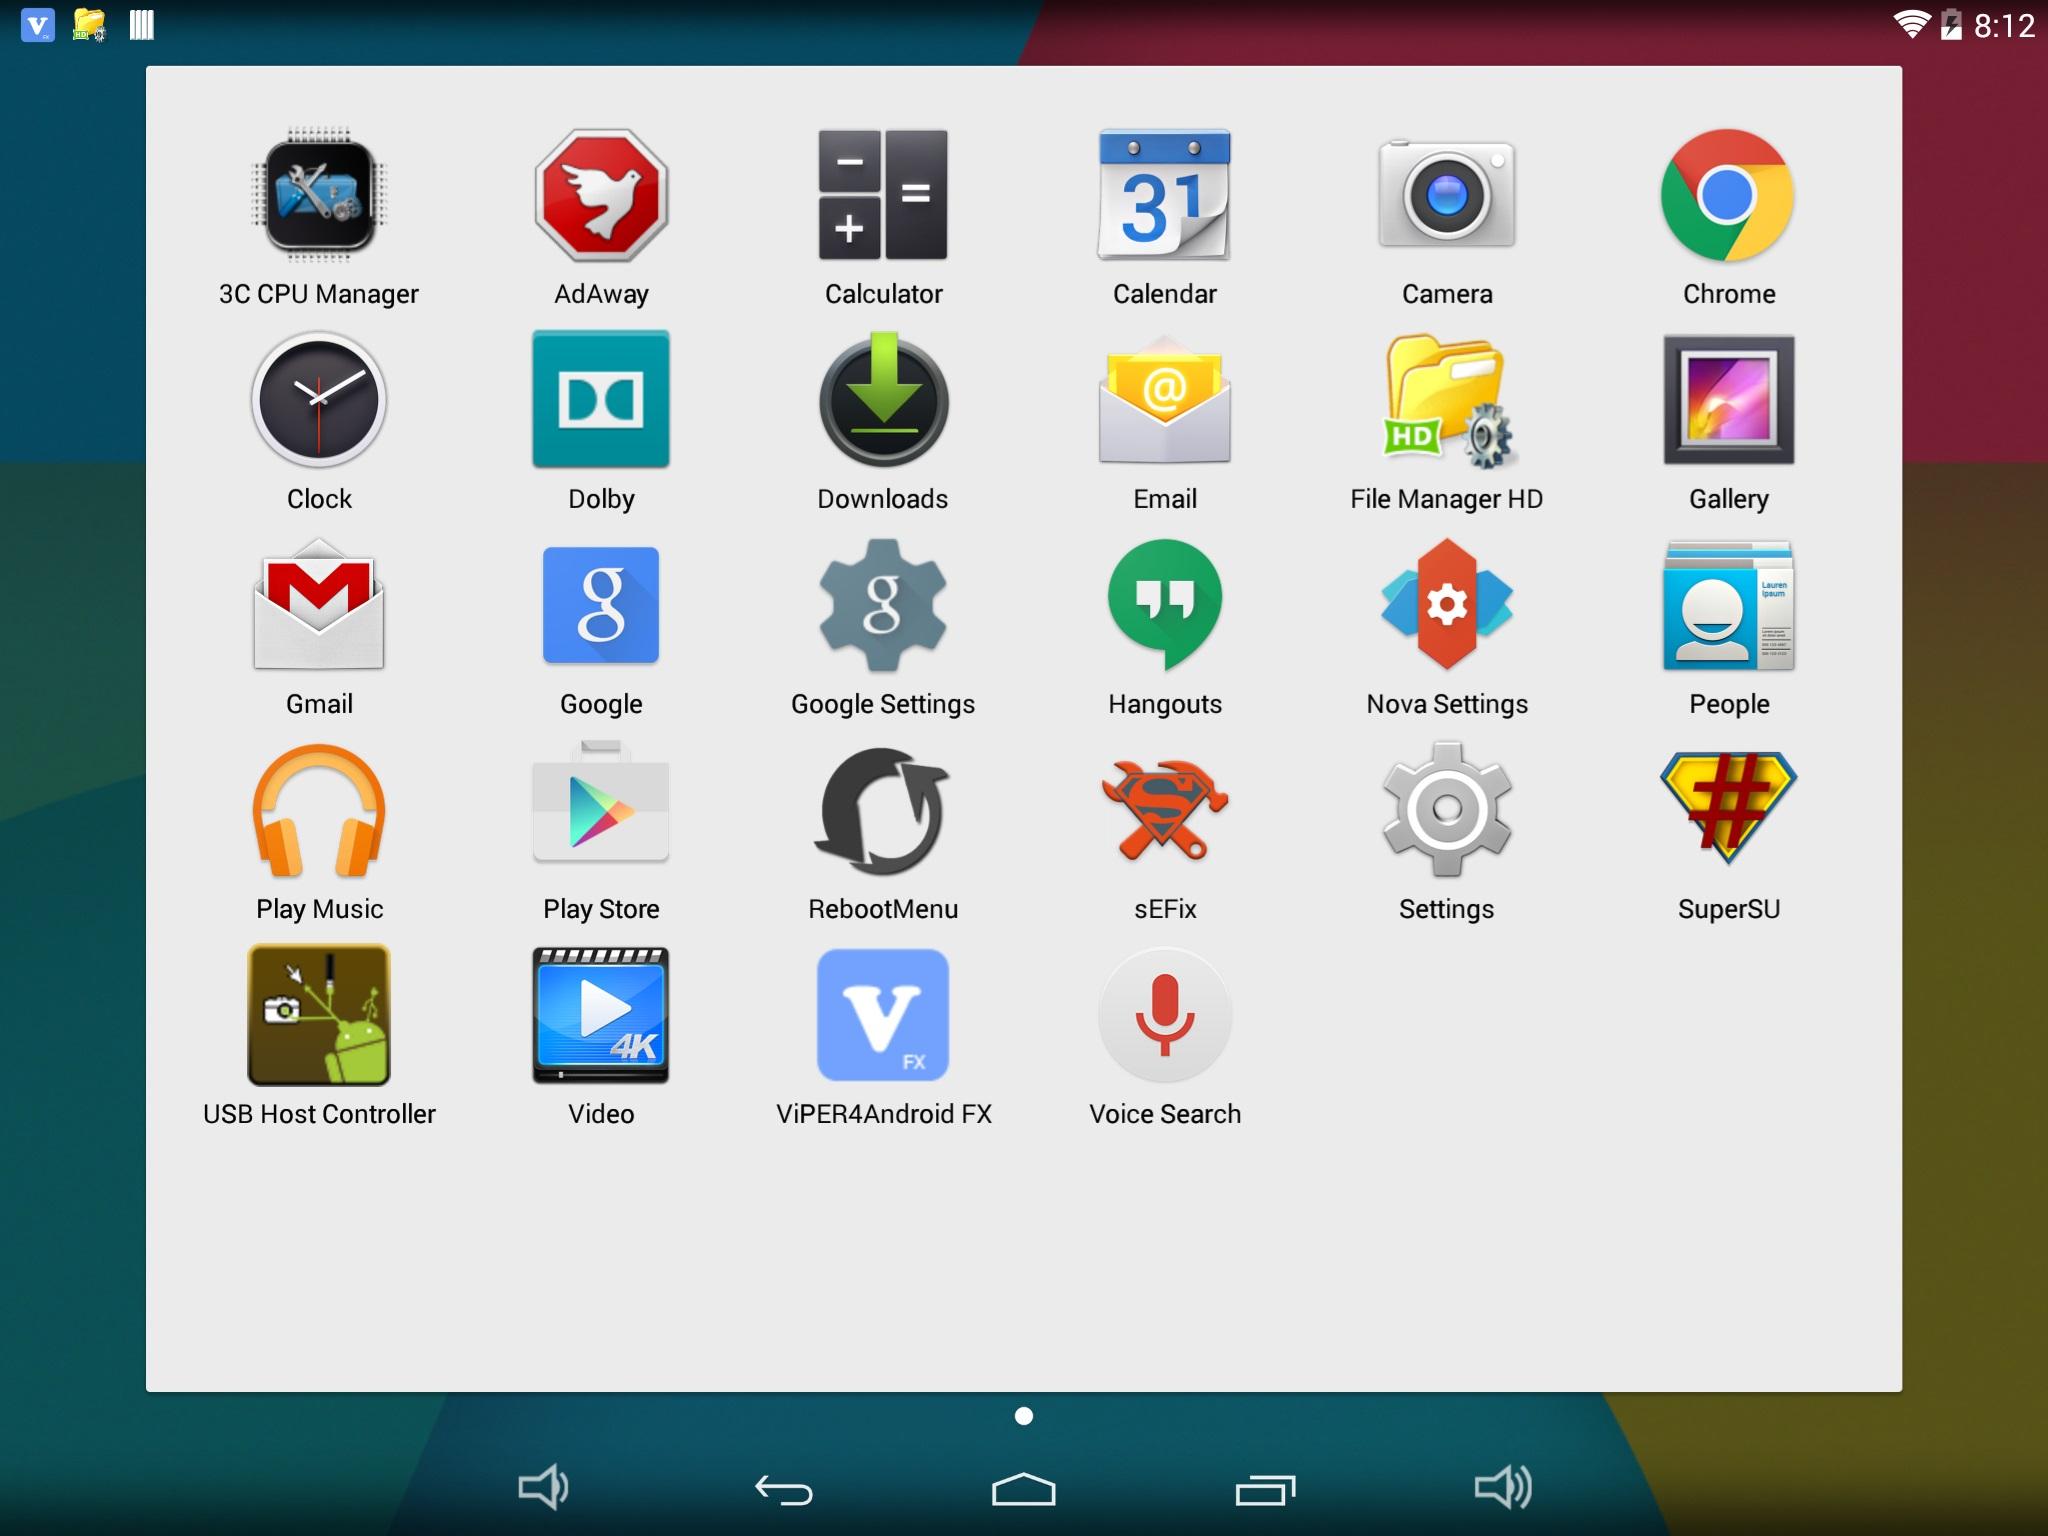 v1.2_apps.jpg